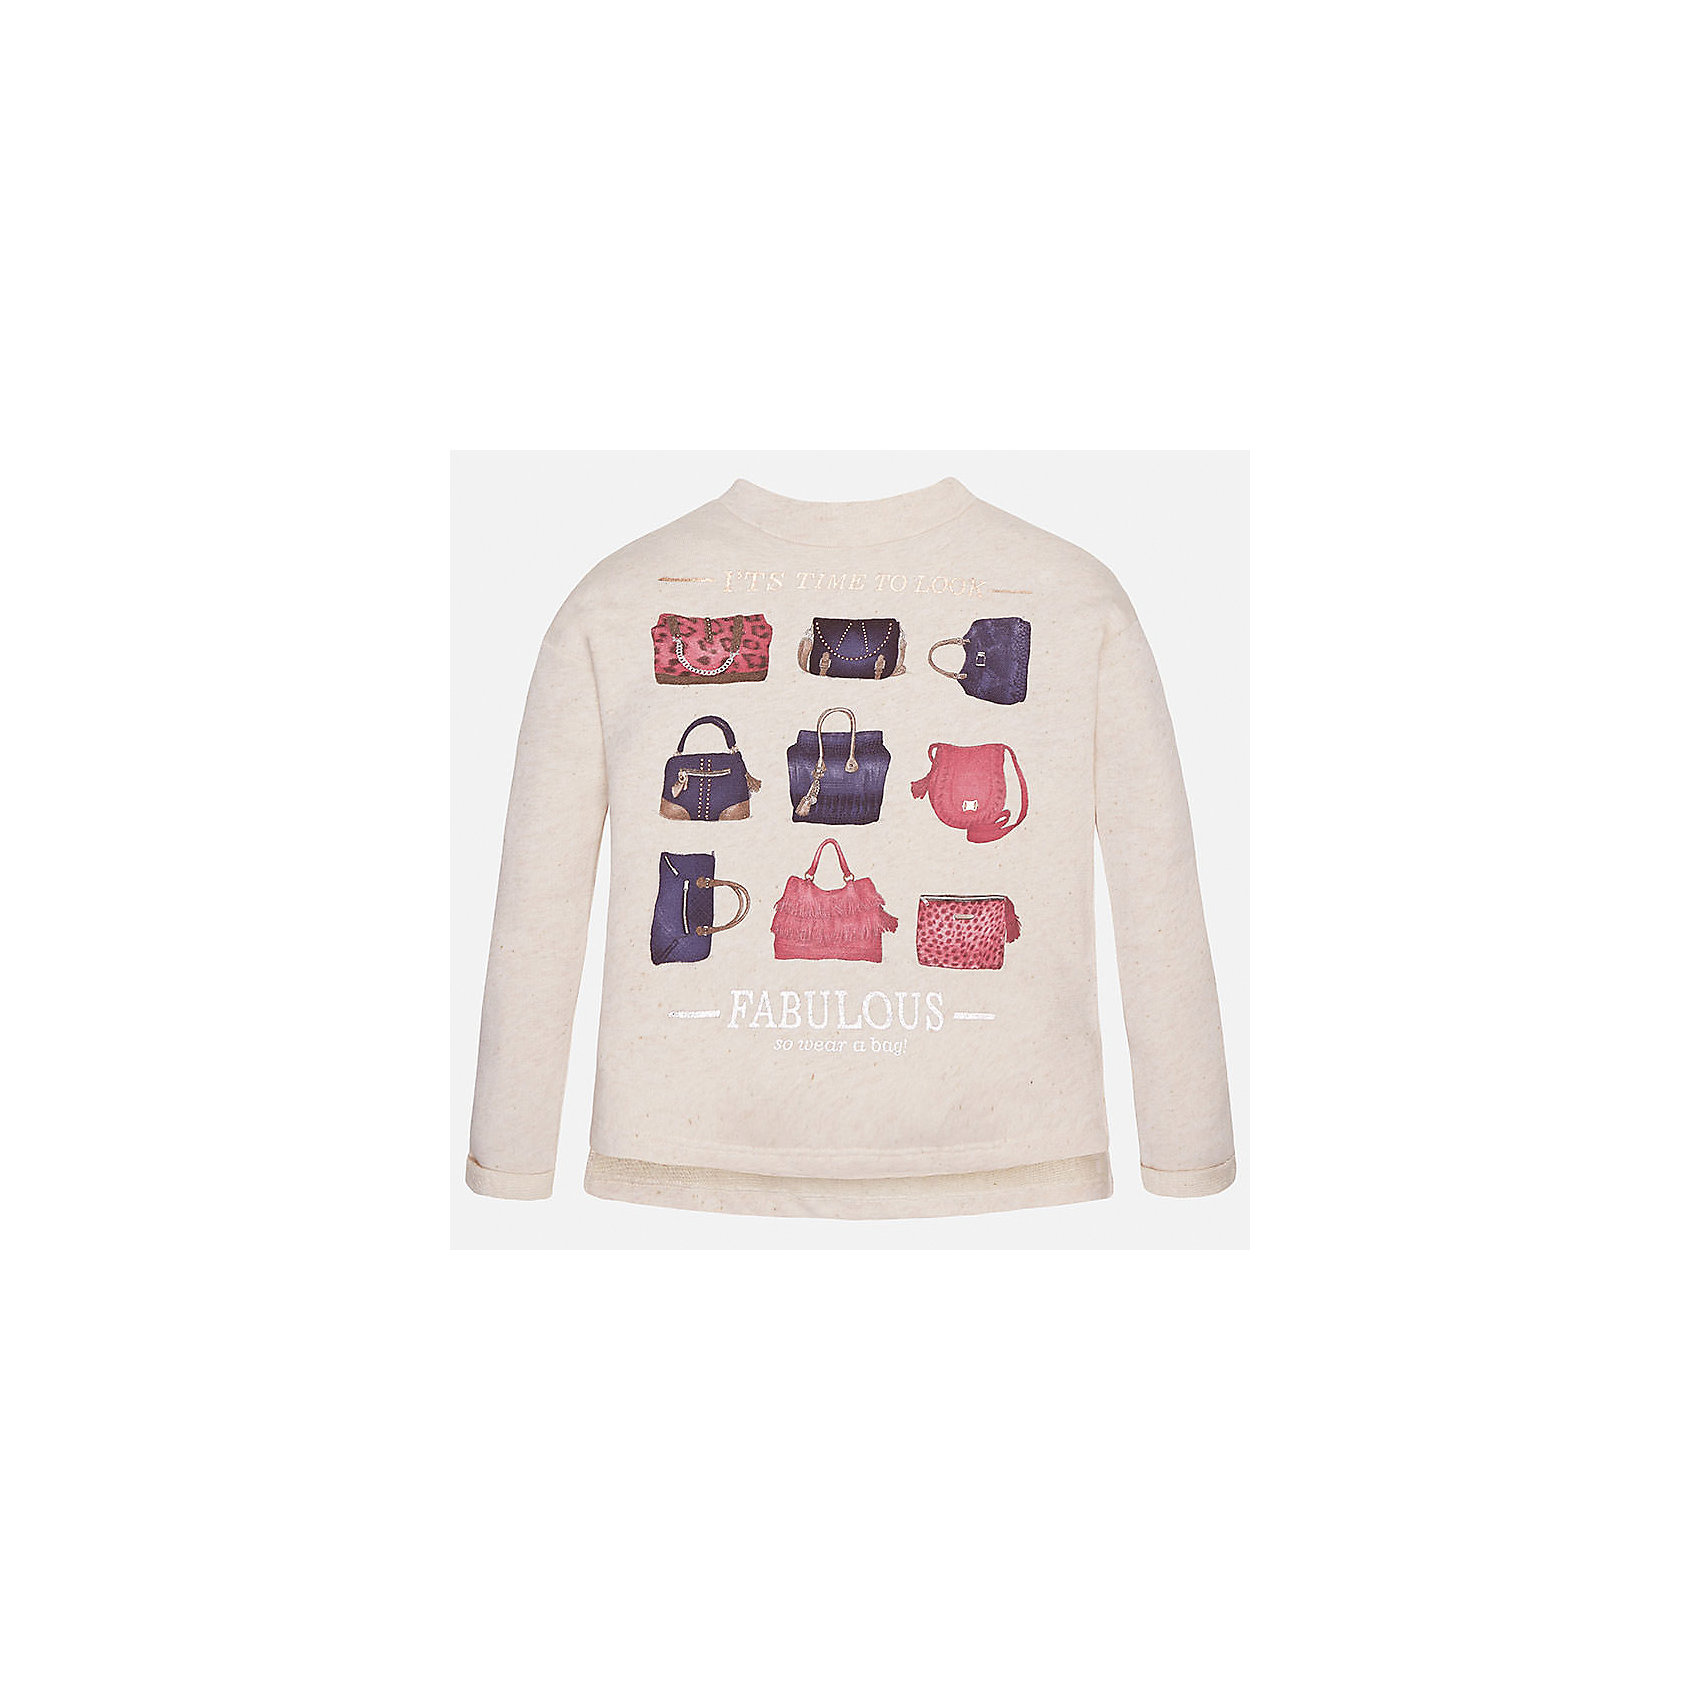 Толстовка для девочки MayoralТолстовки<br>Толстовка для девочки от популярного испанского бренда Mayoral(Майорал) изготовлен из натурального хлопка. Сзади модель застегивается на небольшую молнию.  Спереди свитер украшен интересным принтом с сумочками. Такая толстовкаобязательно поднимет настроение и подарит массу положительных эмоций юной моднице!<br>Дополнительная информация:<br>-застегивается на небольшую молнию<br>-украшен принтом<br>-цвет: молочный<br>-состав: 90% хлопок, 10% полиэстер<br>Свитер для девочки Mayoral(Майорал) вы можете приобрести в нашем интернет-магазине.<br><br>Ширина мм: 190<br>Глубина мм: 74<br>Высота мм: 229<br>Вес г: 236<br>Цвет: бежевый<br>Возраст от месяцев: 144<br>Возраст до месяцев: 156<br>Пол: Женский<br>Возраст: Детский<br>Размер: 152/158,164/170,128/134,134/140,146/152,158/164<br>SKU: 4847248